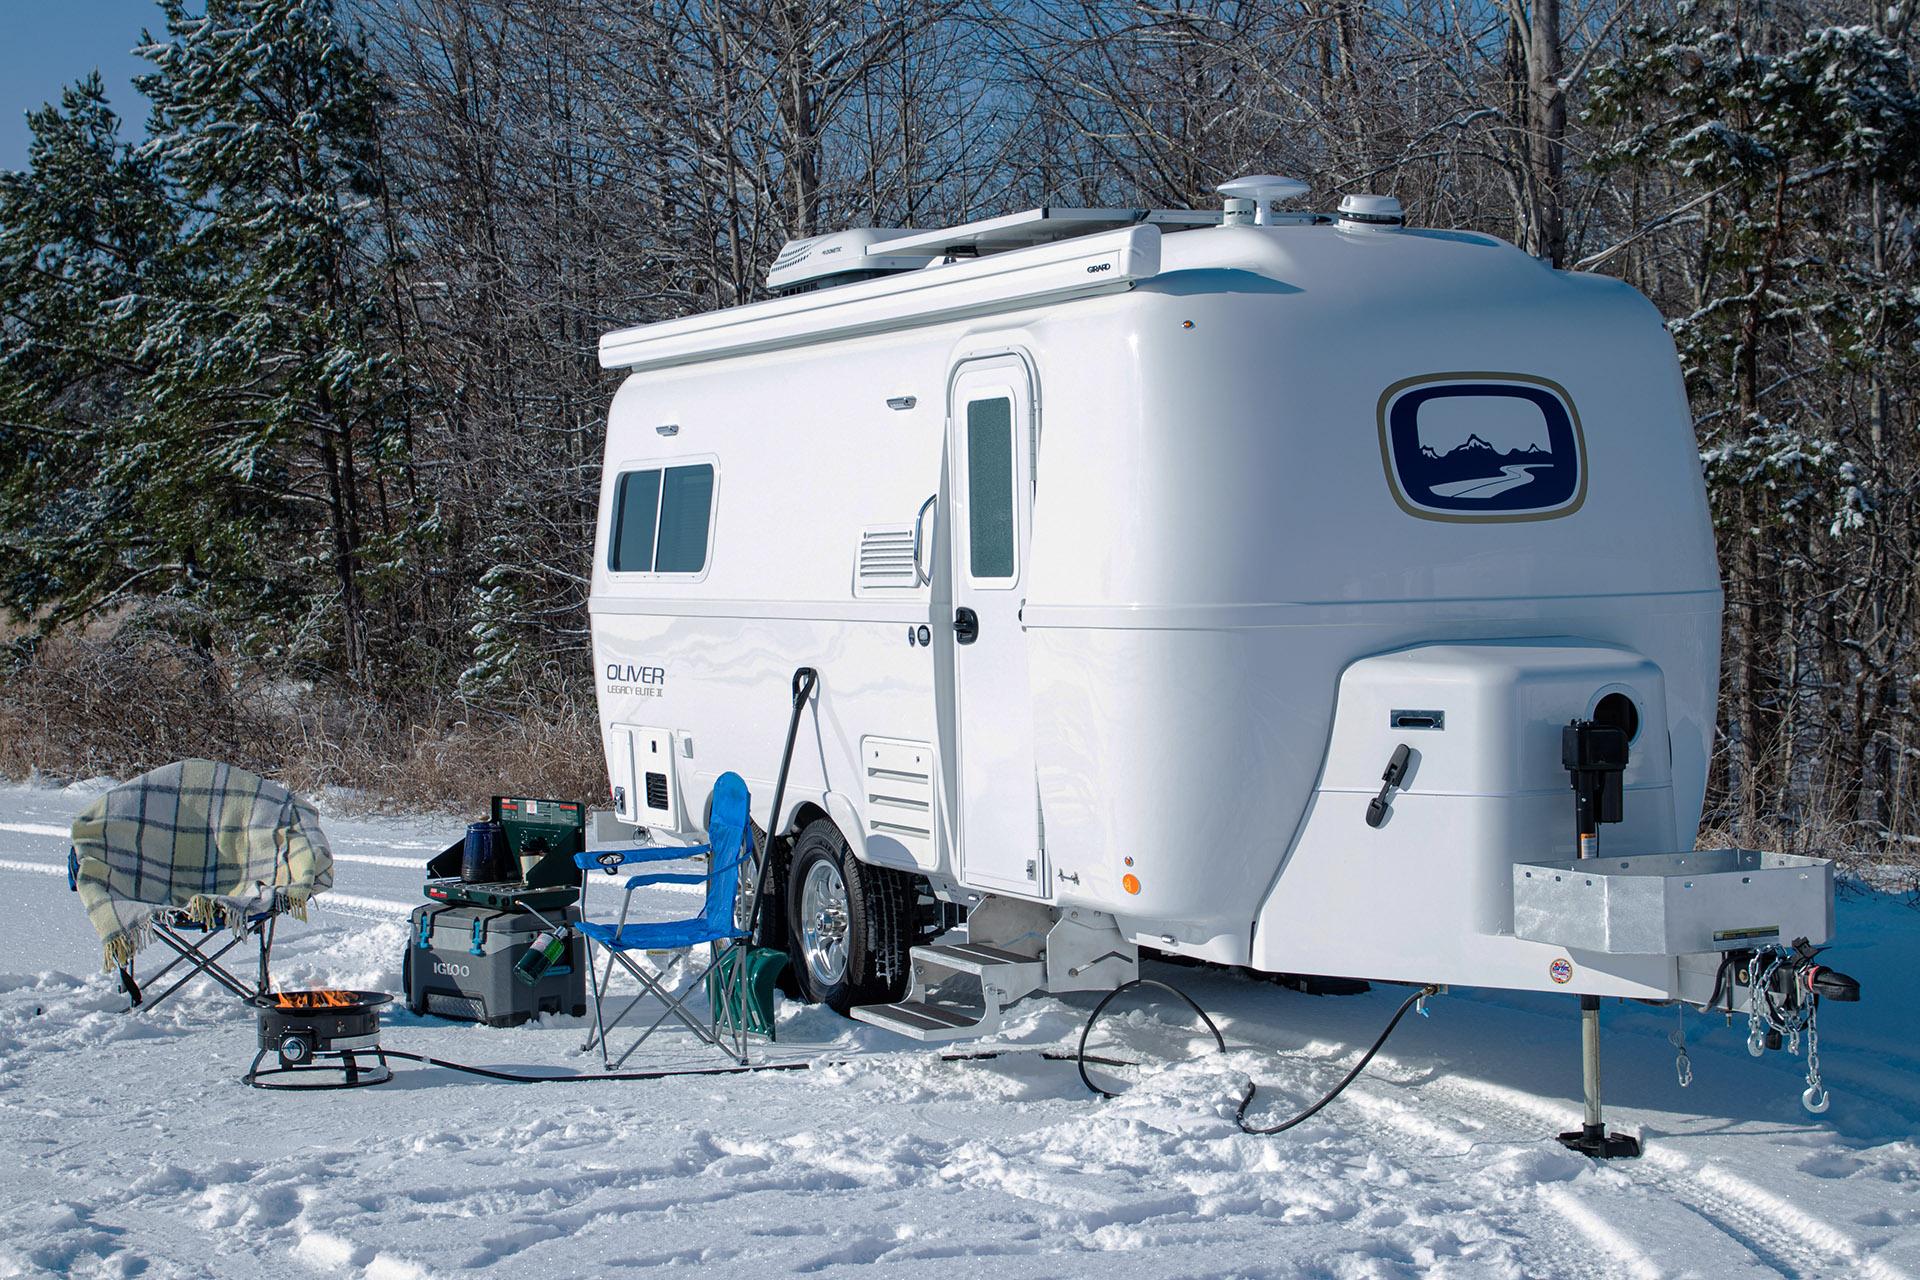 Camper Trailer Built For Adventure